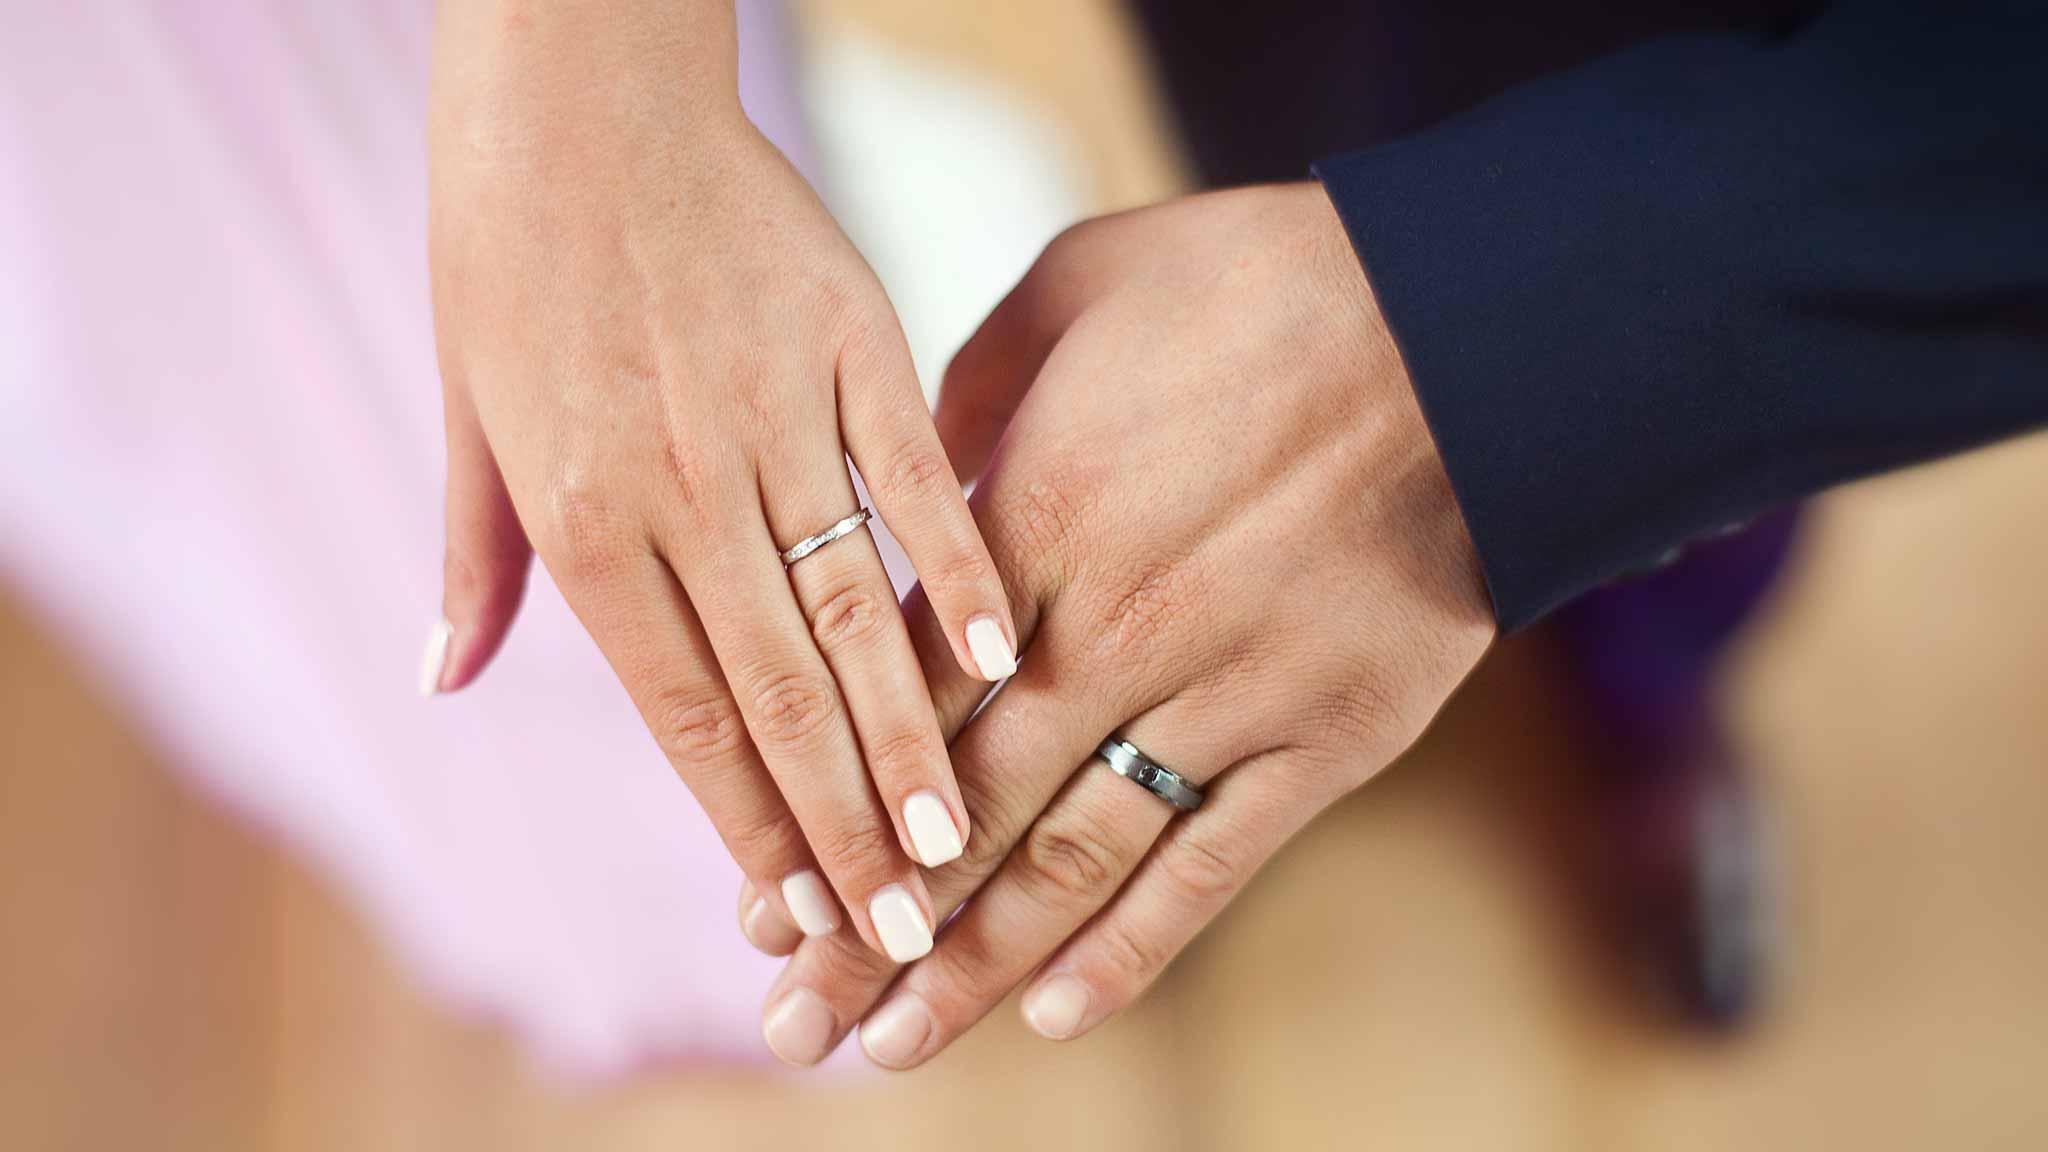 Mariage d'une tunisienne avec un non-musulman : Annulation de la circulaire 1973